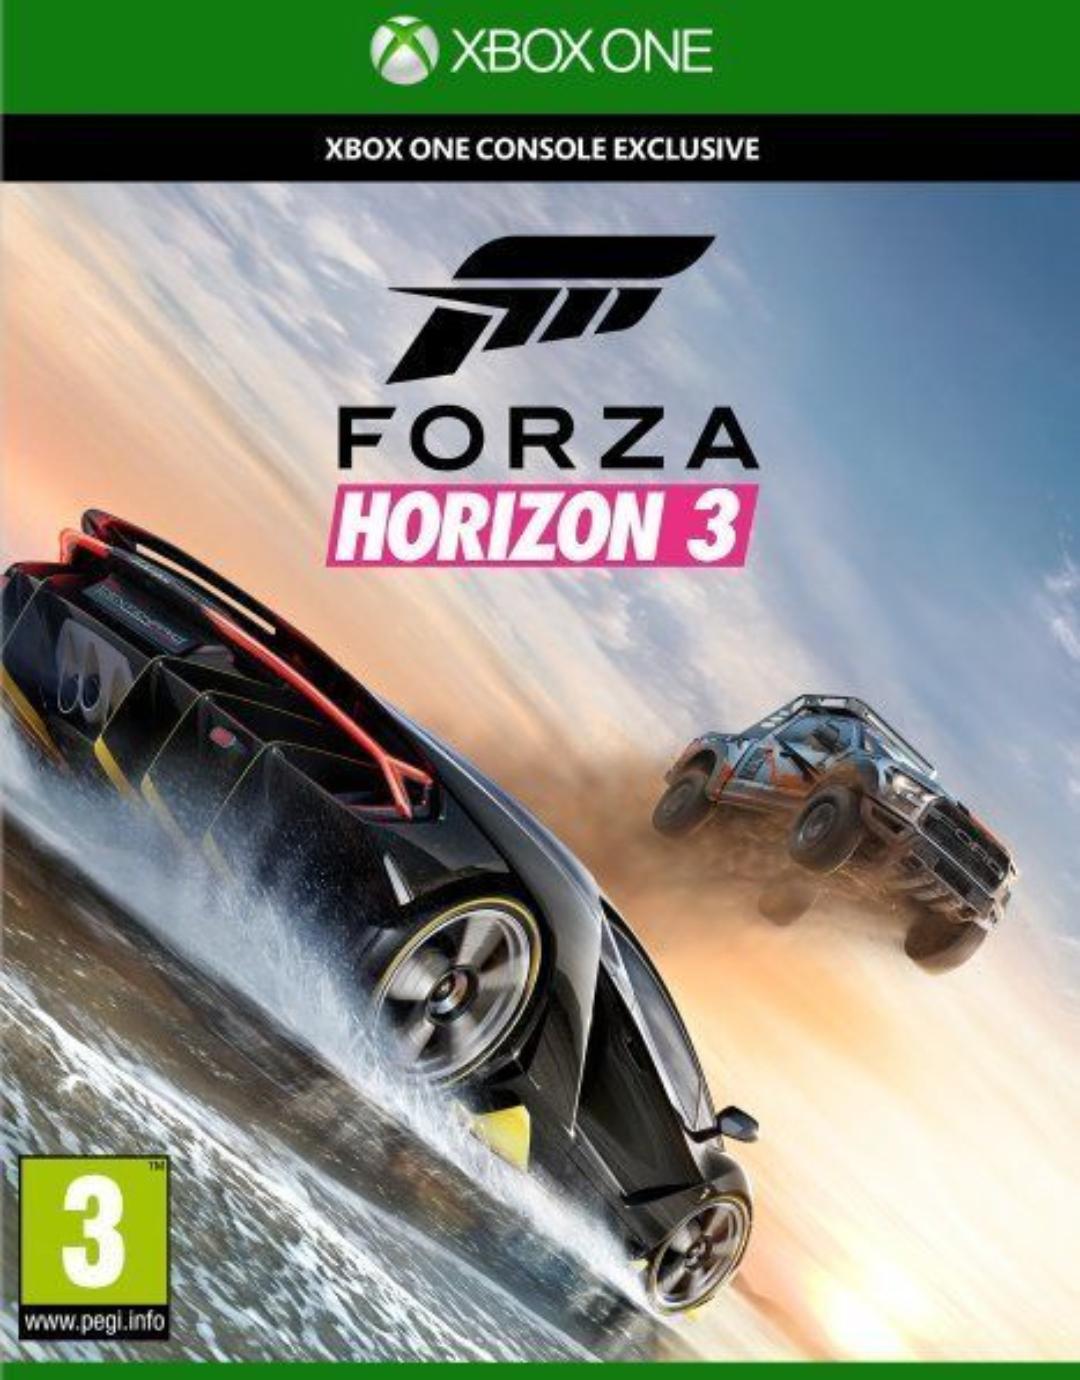 Forza horizon 3 para Xbox one por solo 22,70€